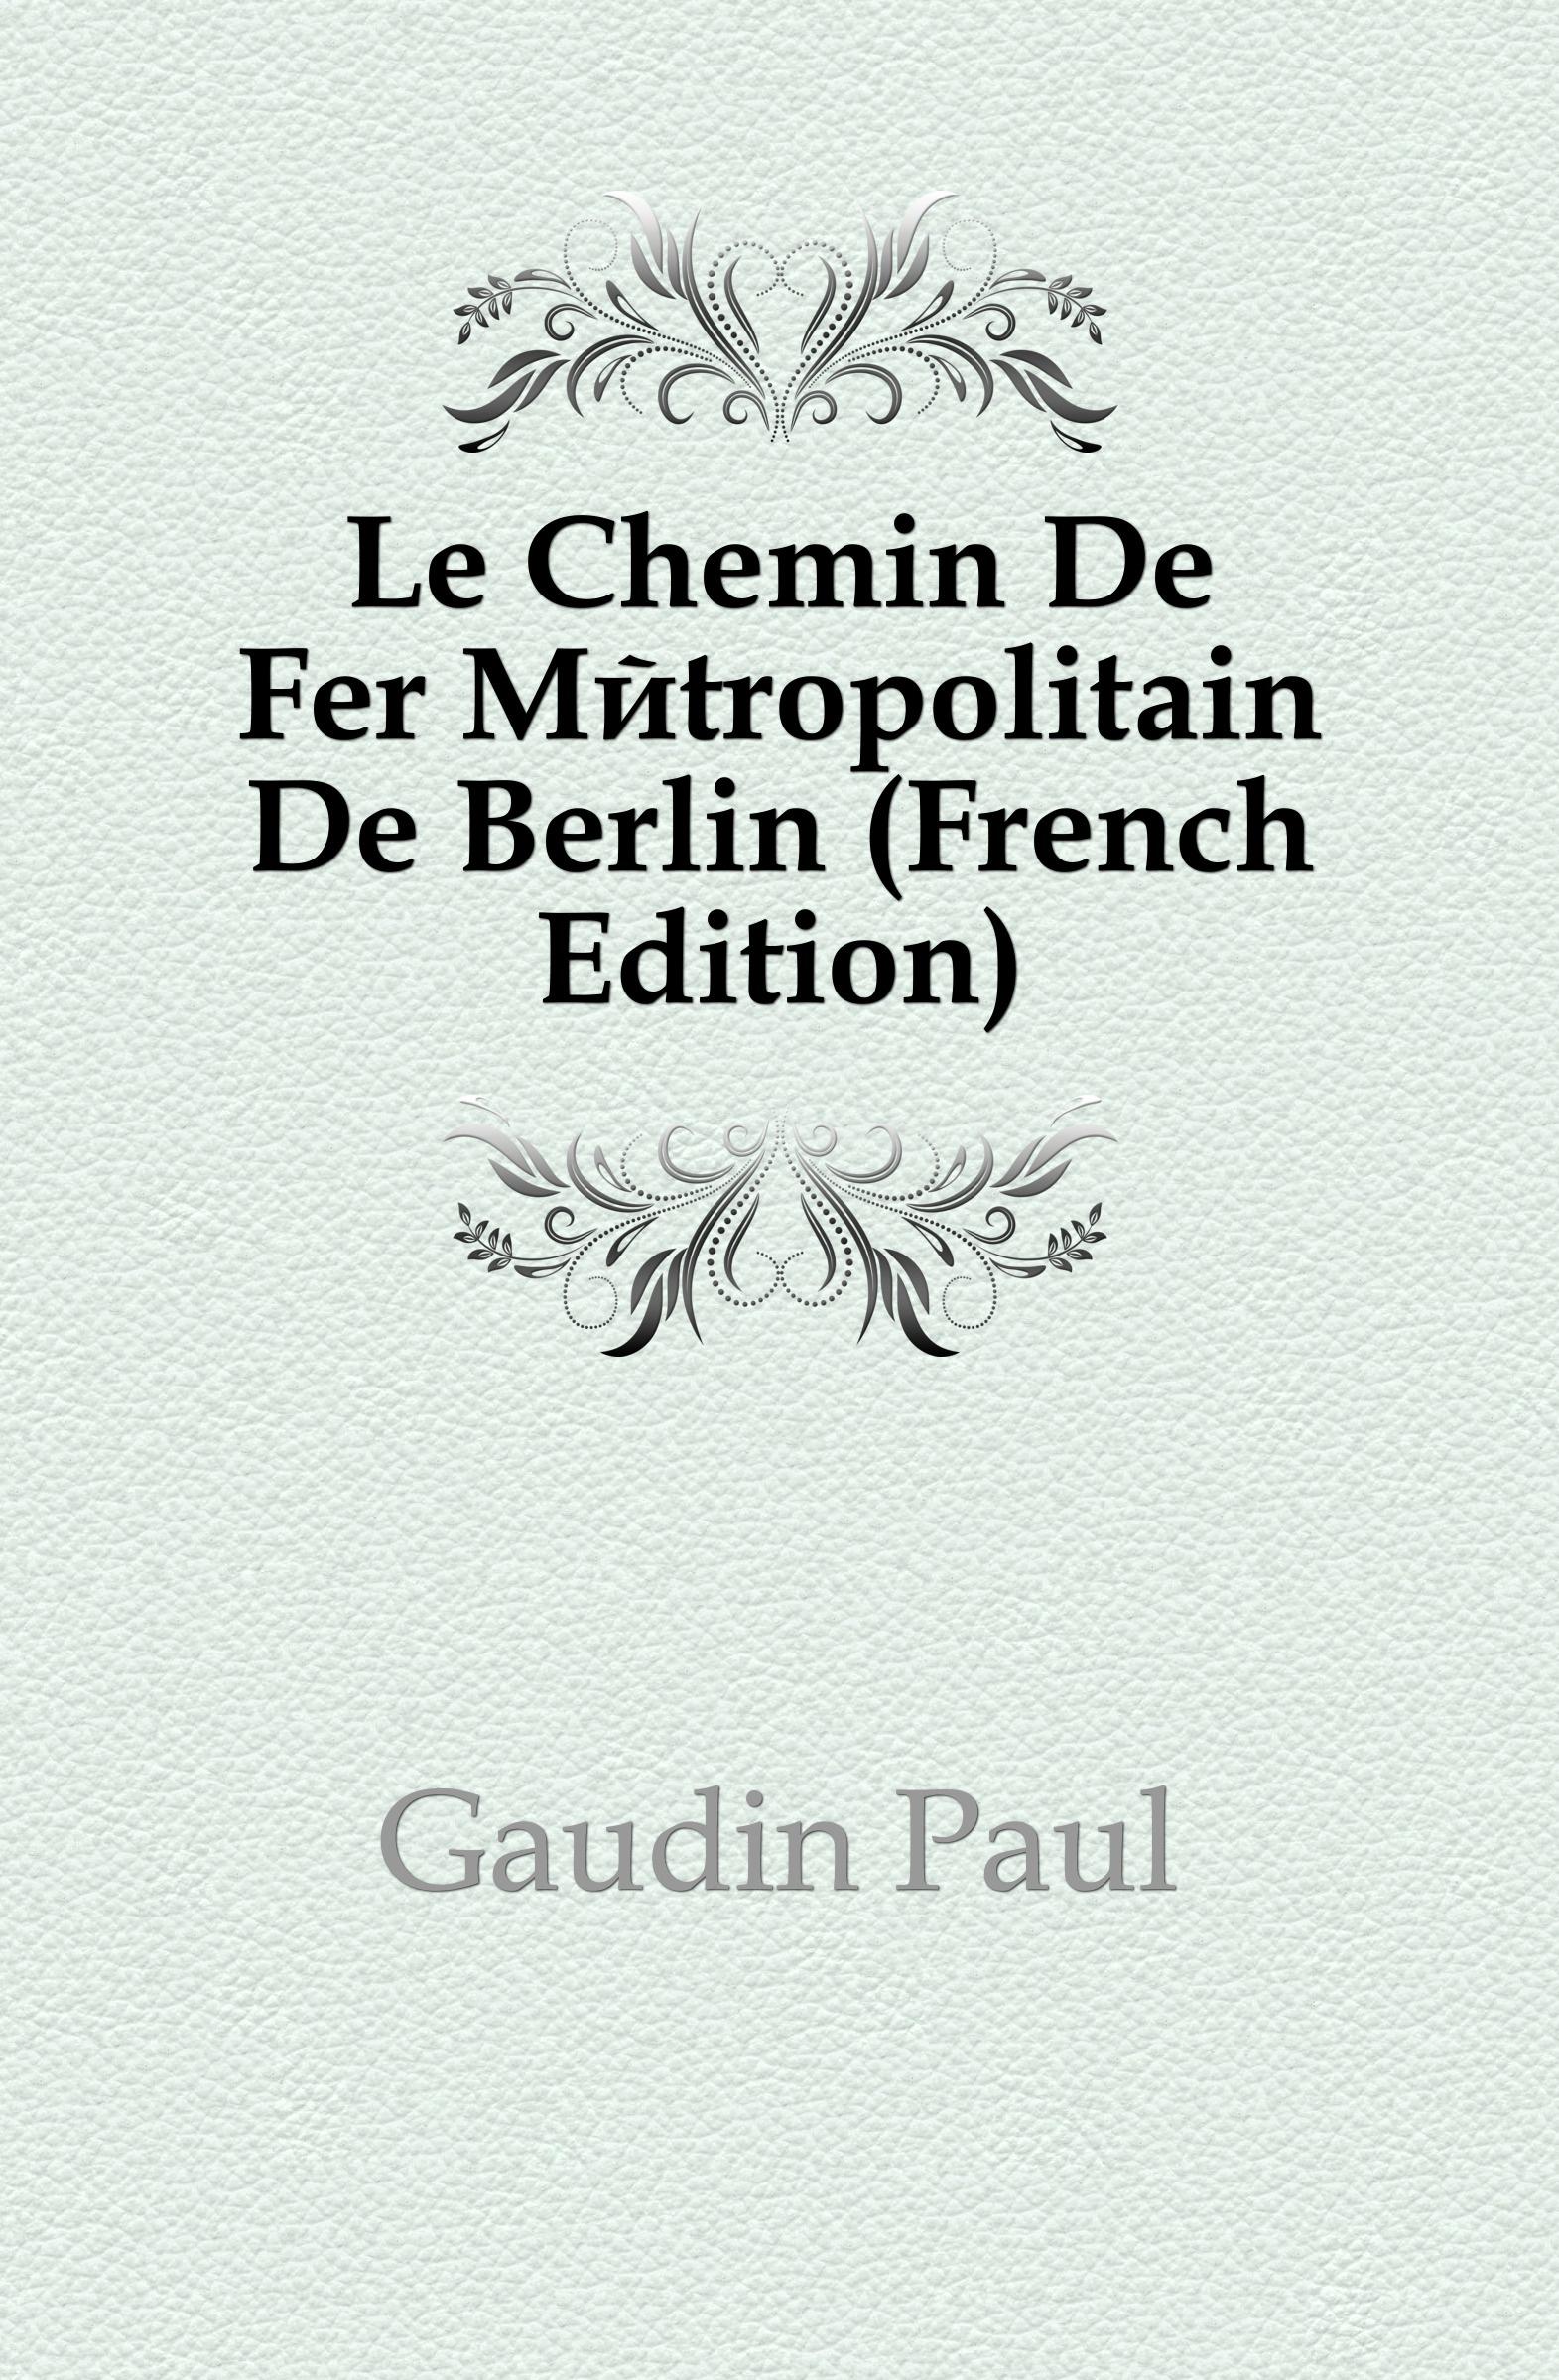 Фото - Gaudin Paul Le Chemin De Fer Metropolitain De Berlin (French Edition) jean paul gaultier le male